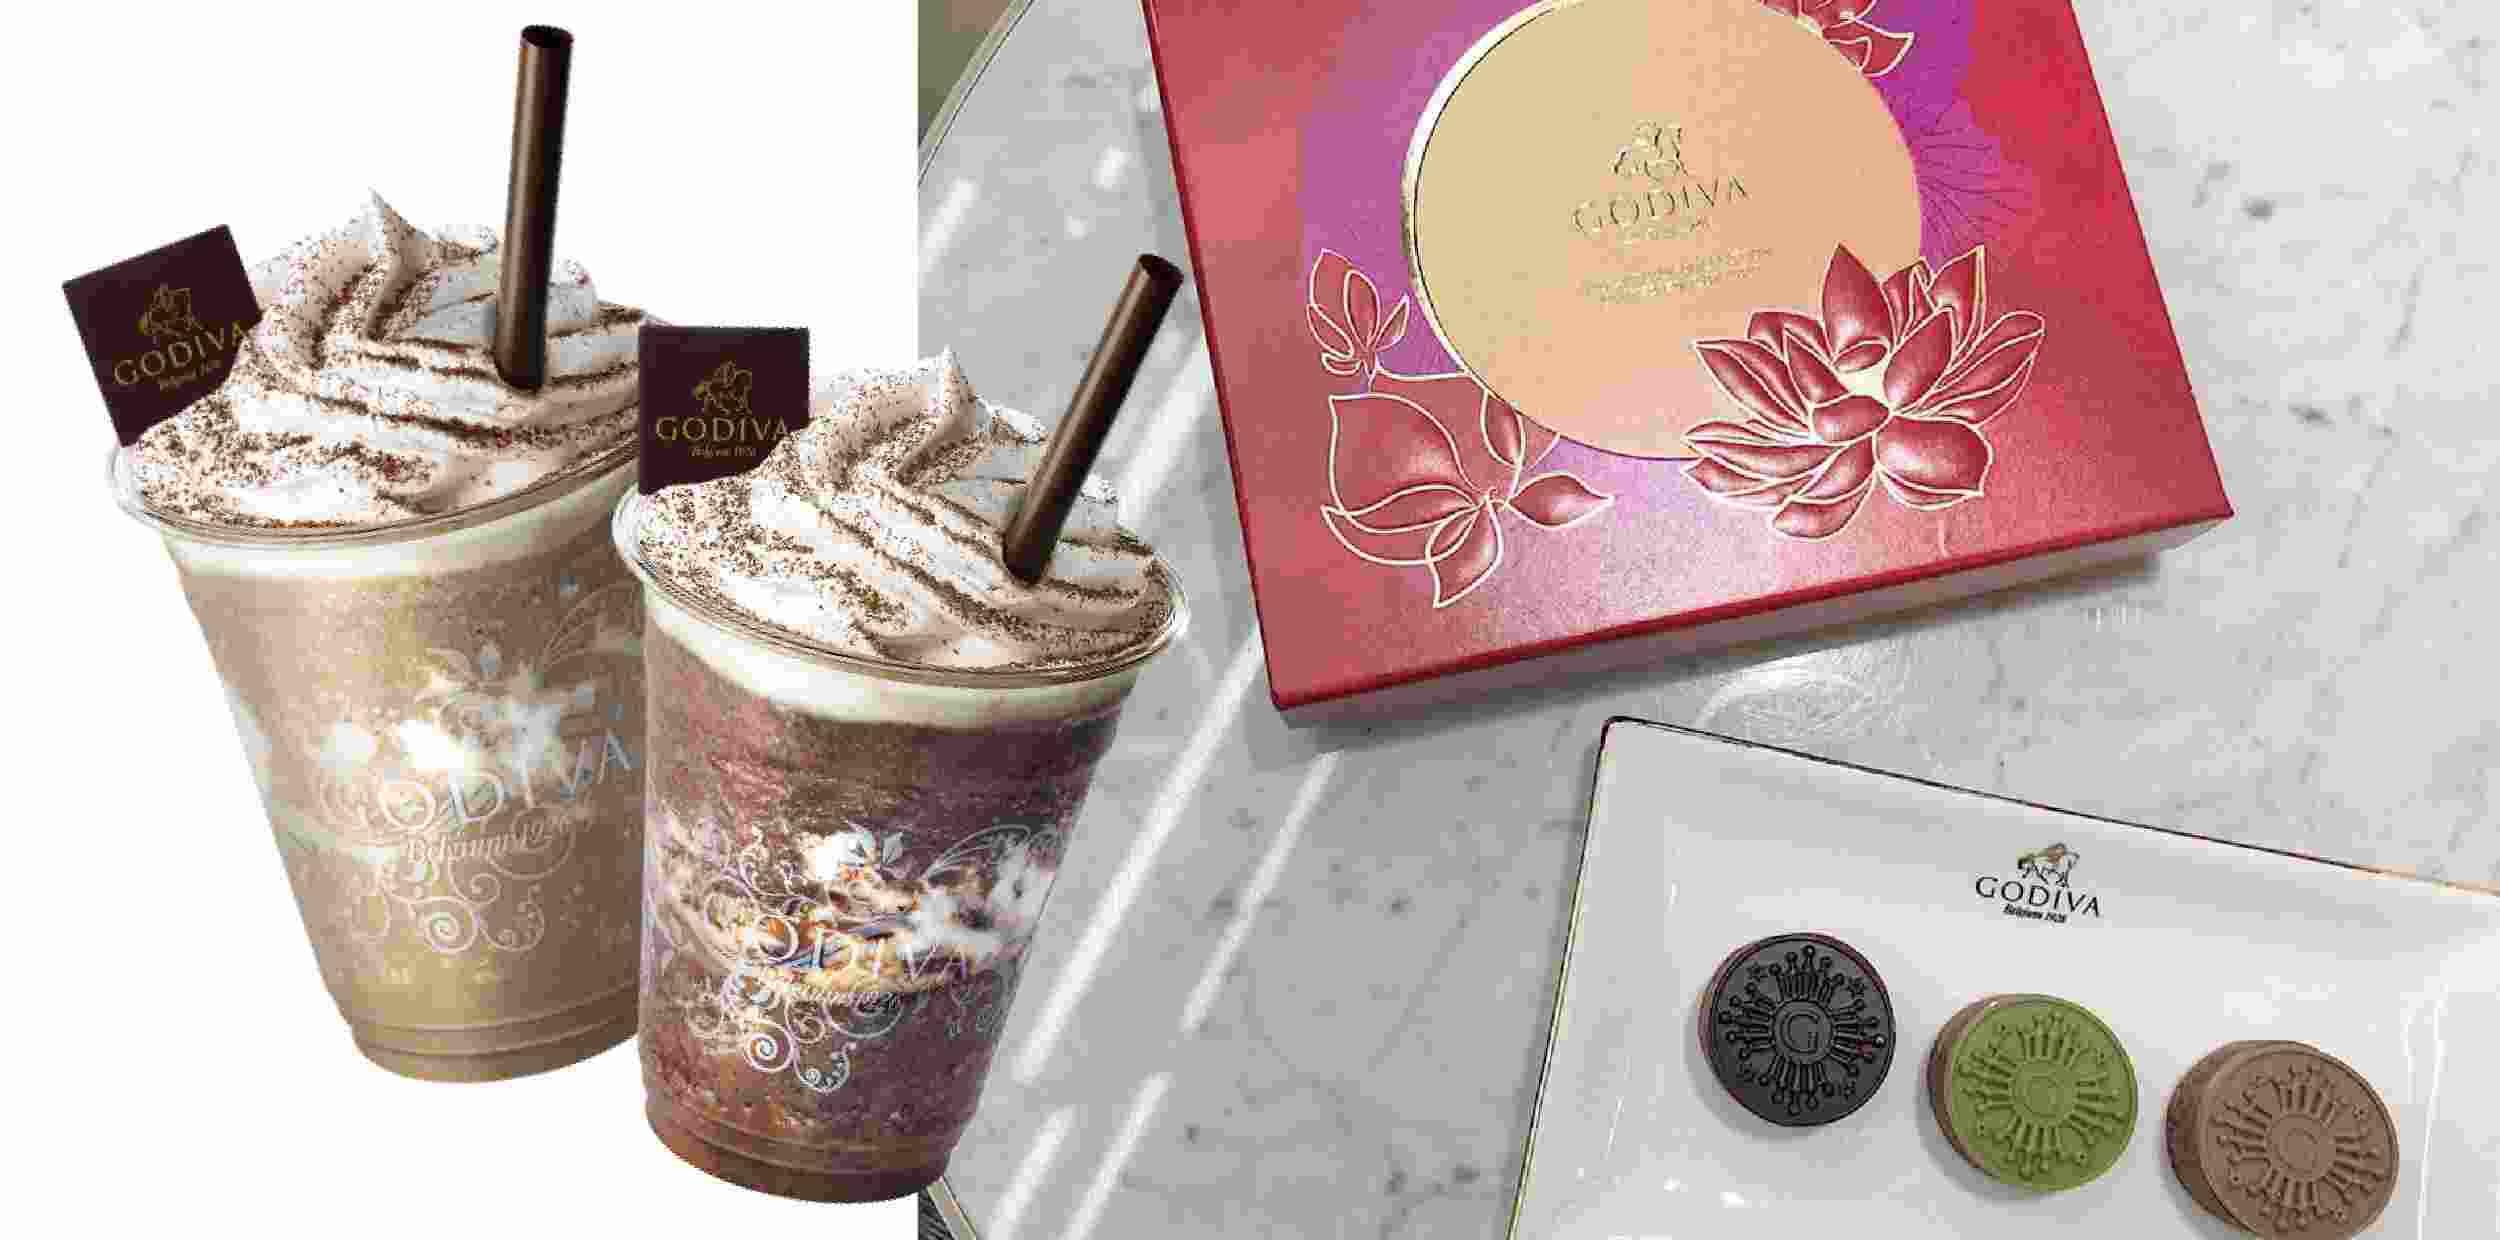 GODIVA新品「錫蘭茶72%黑巧克力凍飲」、「焙茶白巧克力凍飲」,不死甜飲品登場!加碼巧克力月餅也必買